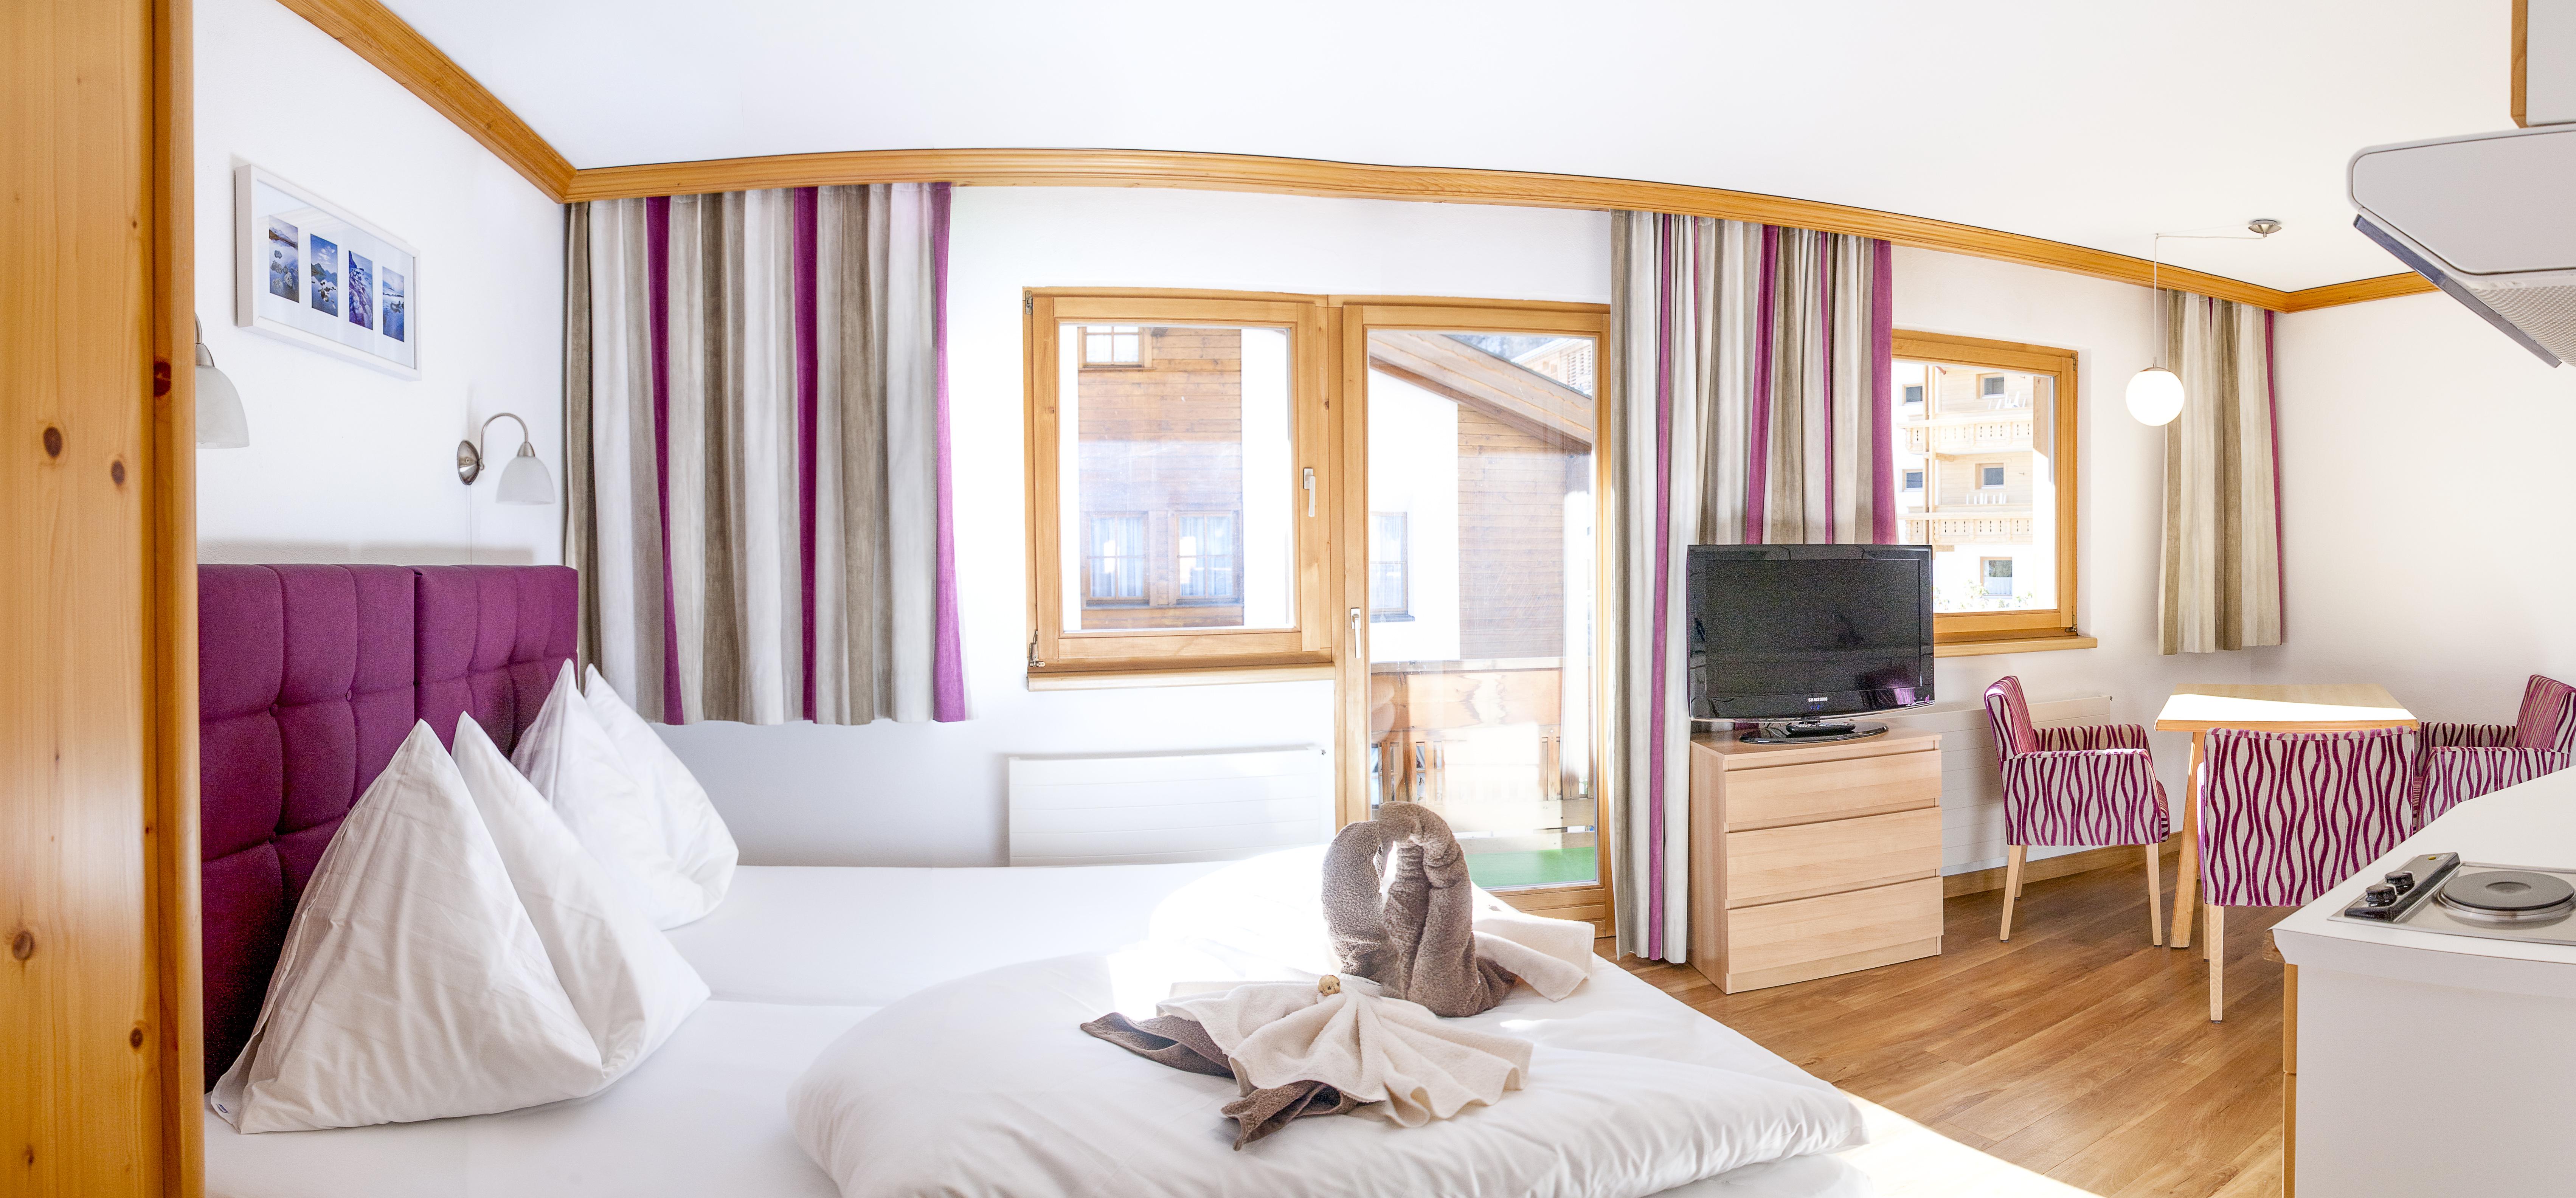 Ferienwohnung Samnaun-Ischgl Schweiz